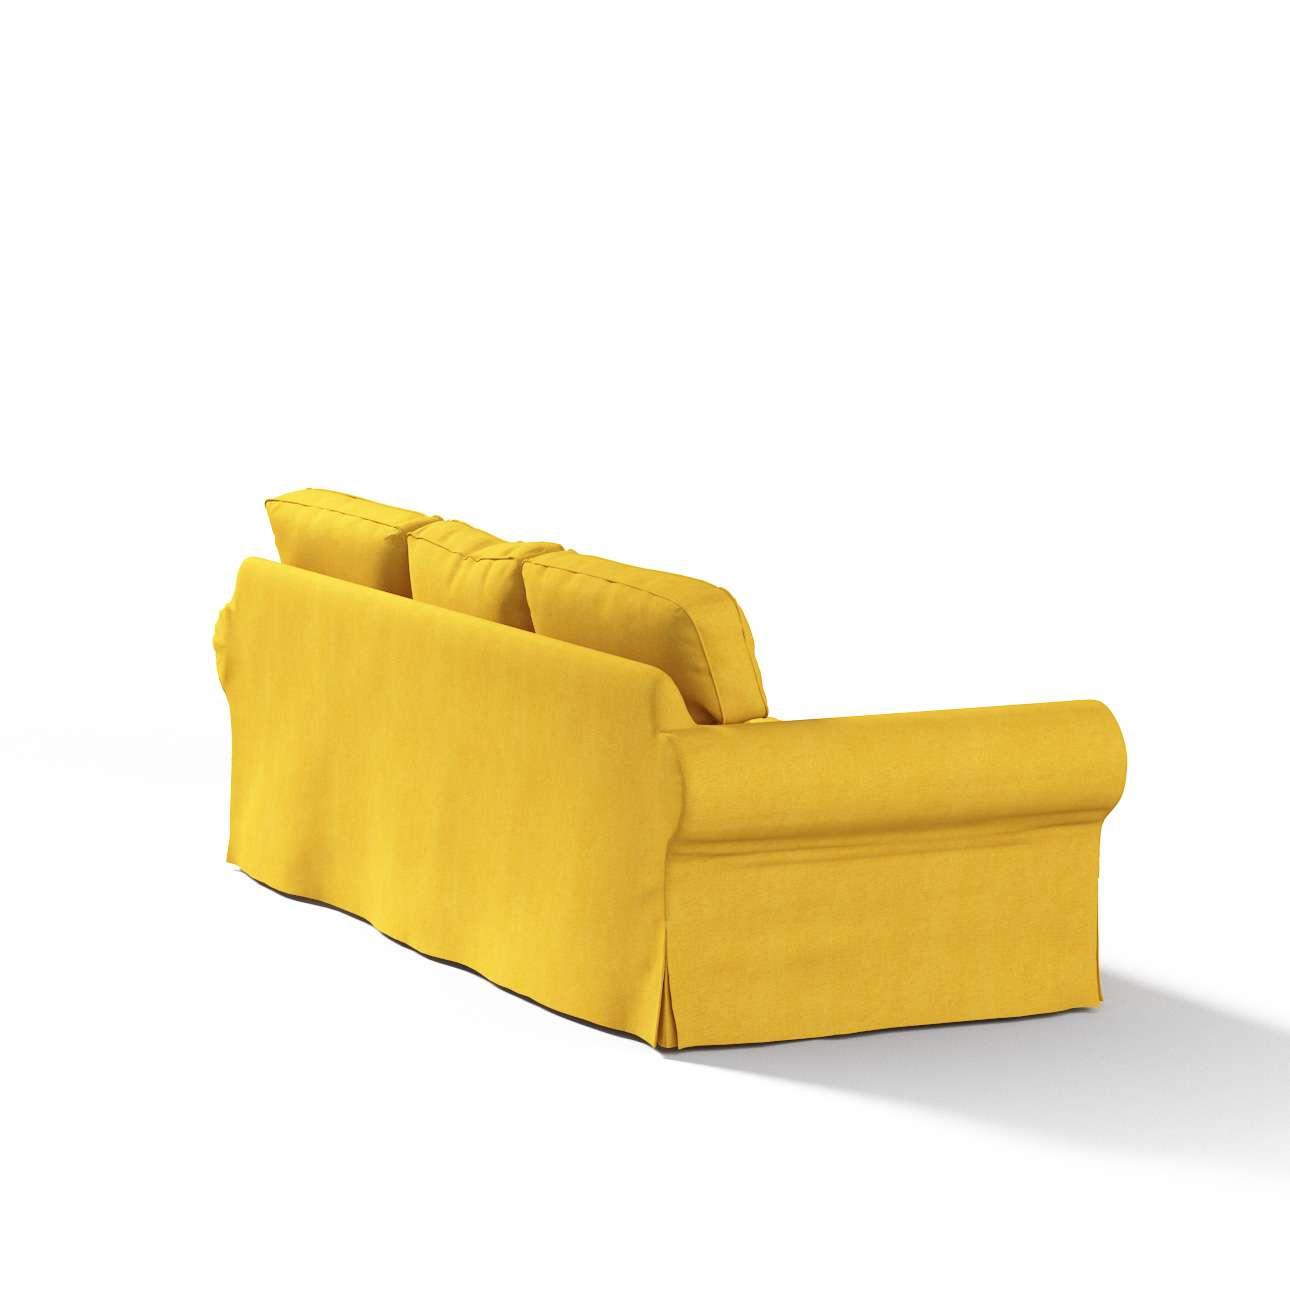 Ektorp 3-Sitzer Sofabezug nicht ausklappbar Sofabezug für  Ektorp 3-Sitzer nicht ausklappbar von der Kollektion Etna, Stoff: 705-04